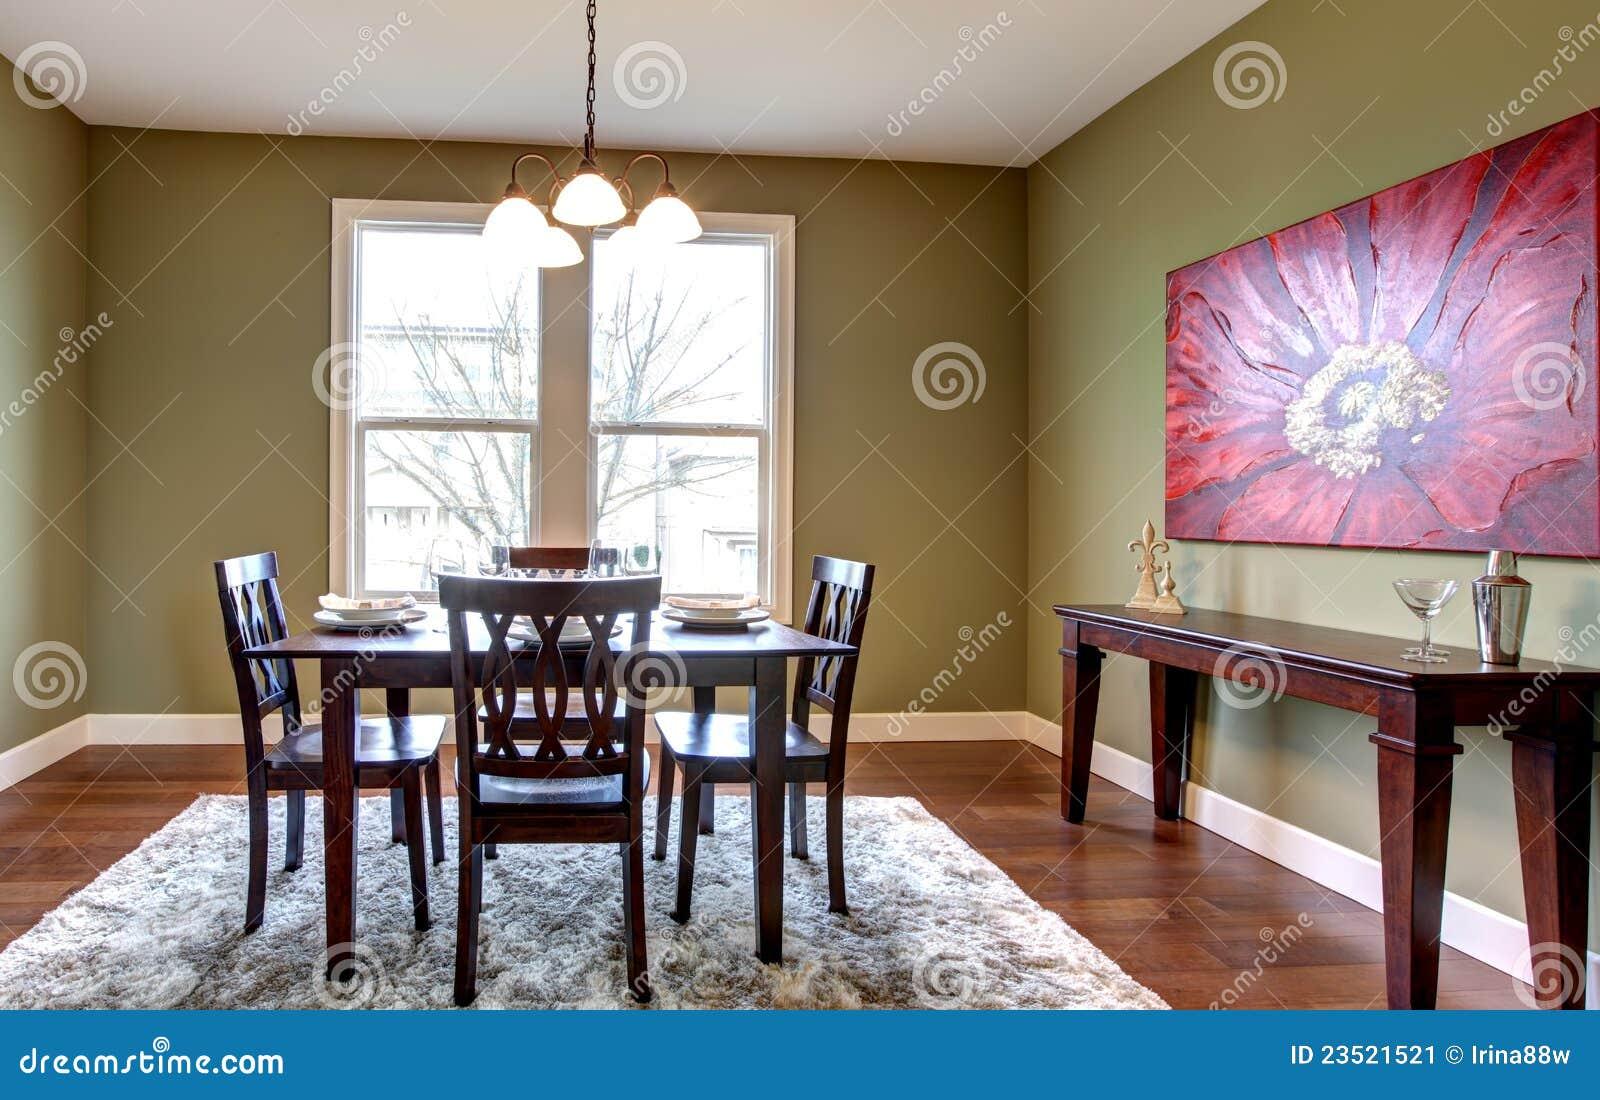 Sala De Jantar Com Paredes Verdes E Pintura Vermelha - Pinturas Para ...